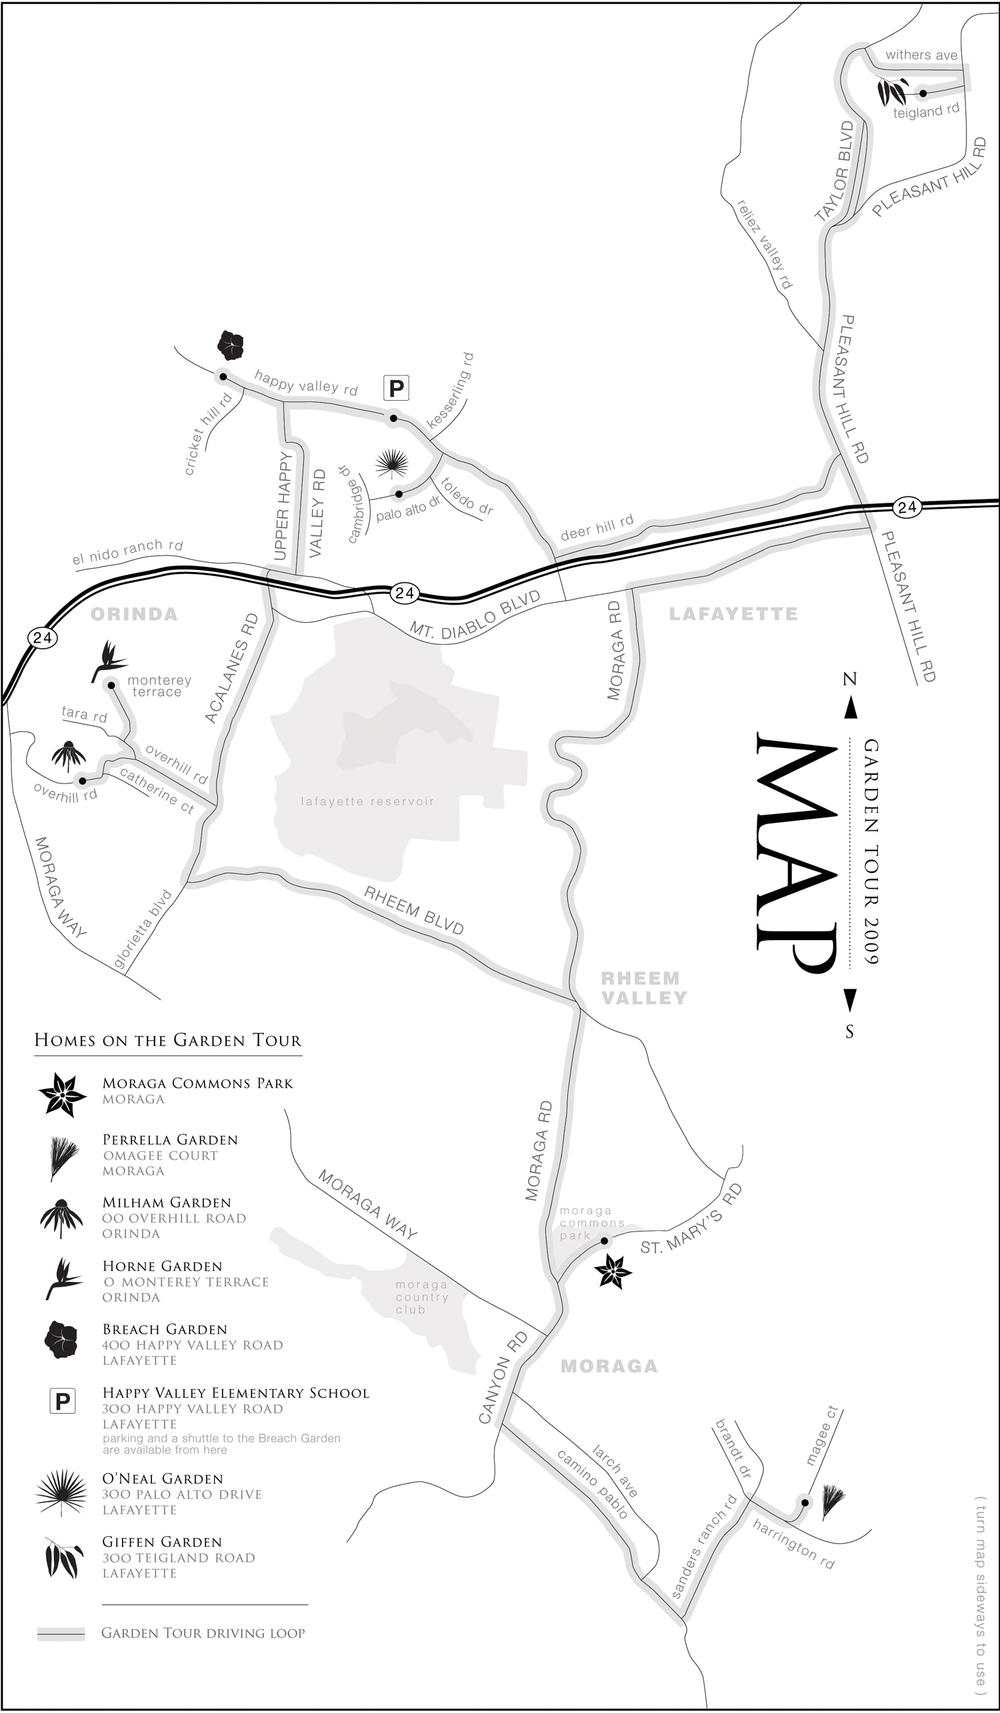 GardenTour_Map1500_01.jpg